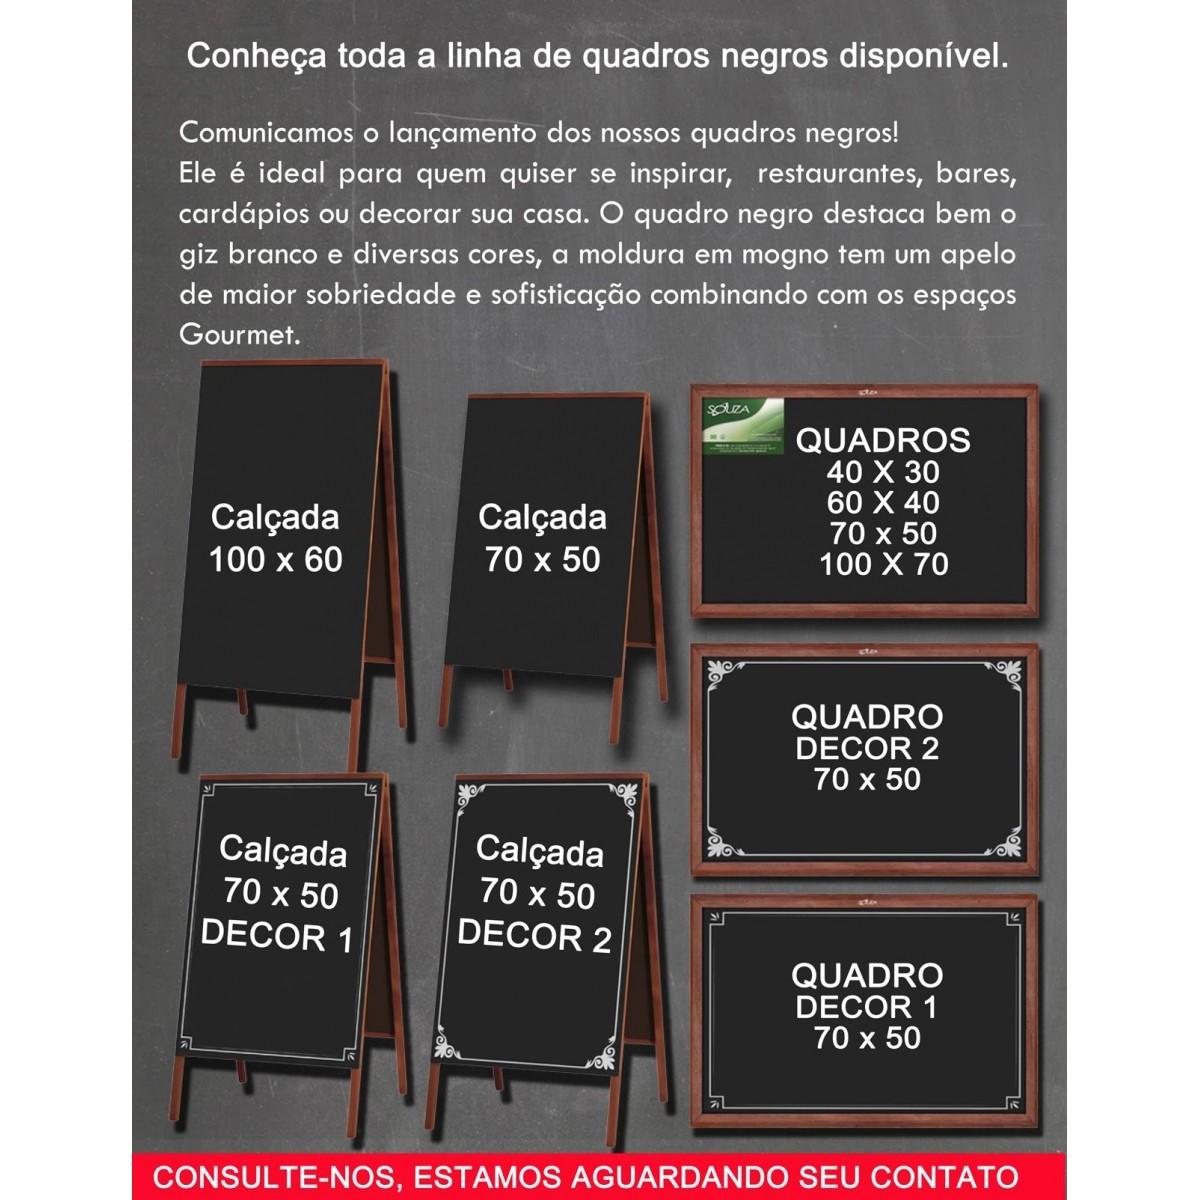 Quadro Negro Moldura Madeira Cor MOGNO 70 X 50 cm Modelo DECOR 2 Referência 2106 SOUZA